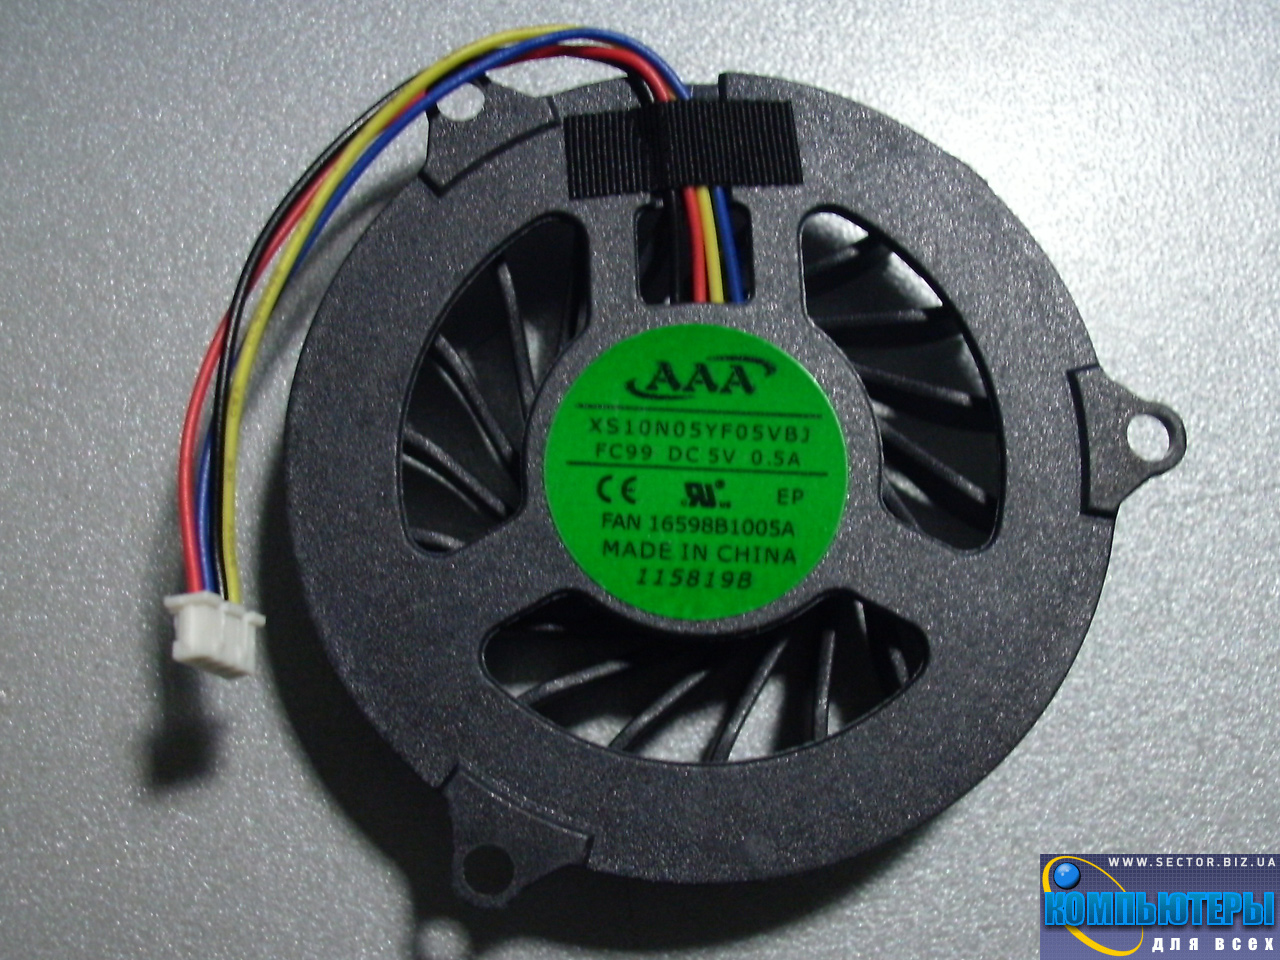 Кулер к ноутбуку Dell Studio 1535 1536 1537 1555 1556 1557 1558 PP33L p/n: XS10N05YF05VBJ. Фото № 2.